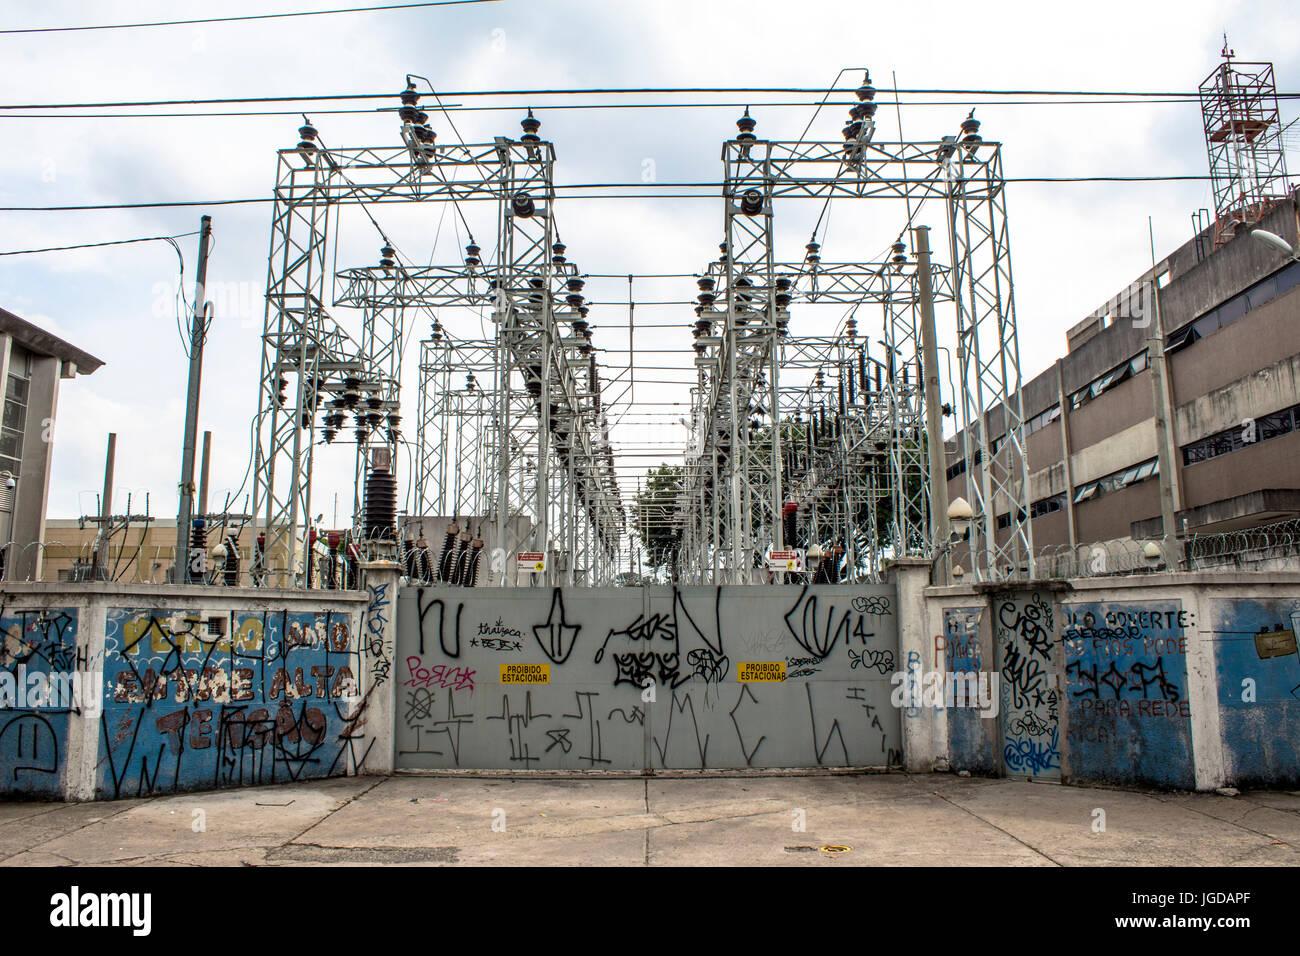 Estación transformadora, AES Eletropaulo, 09.12.2015, Capital, Jundiaí Street, Moema, São Paulo, Brasil. Foto de stock